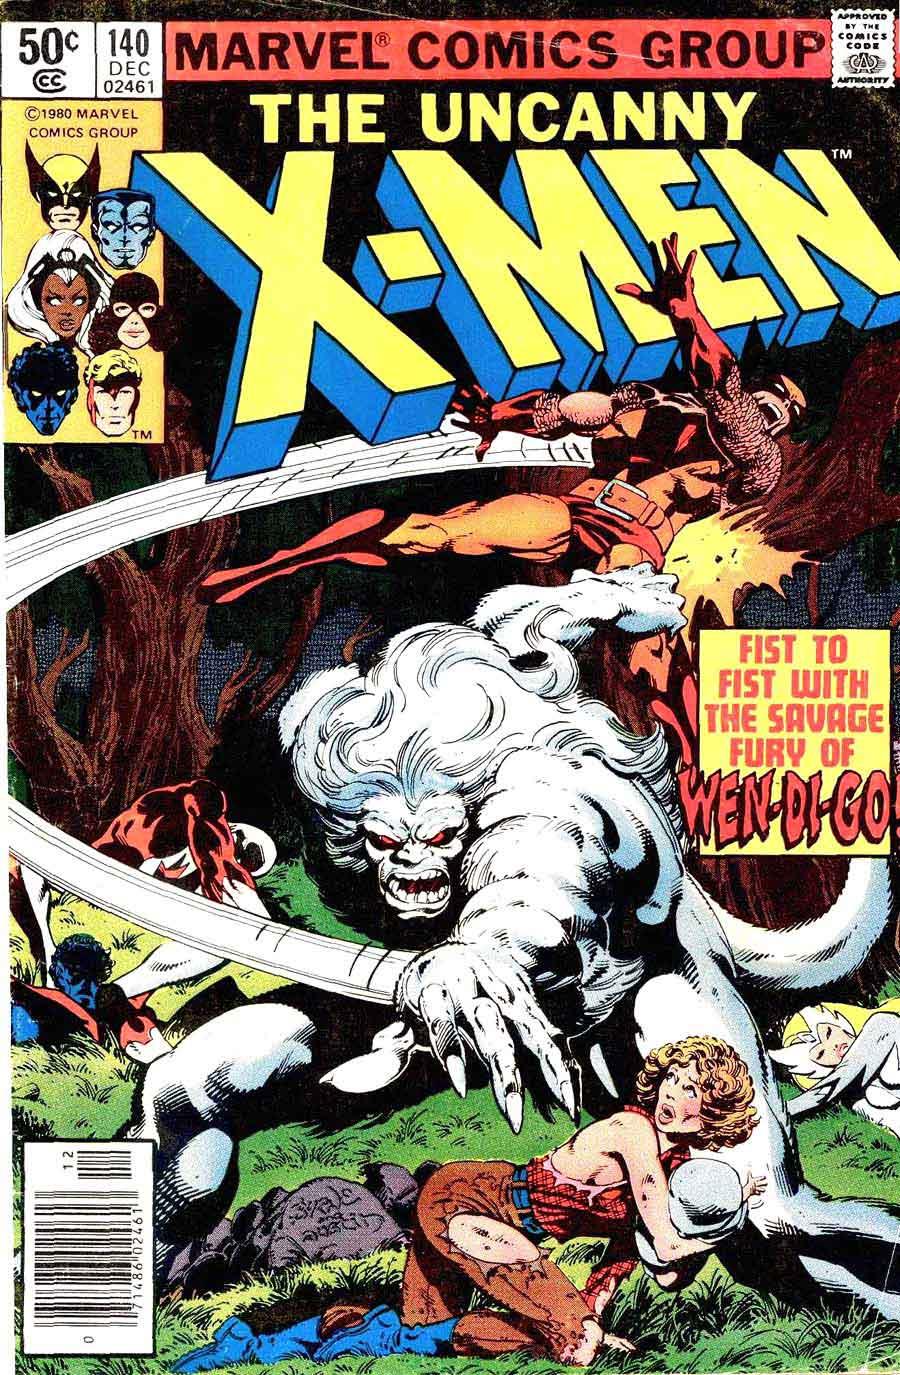 X-men v1 #140 marvel comic book cover art by John Byrne